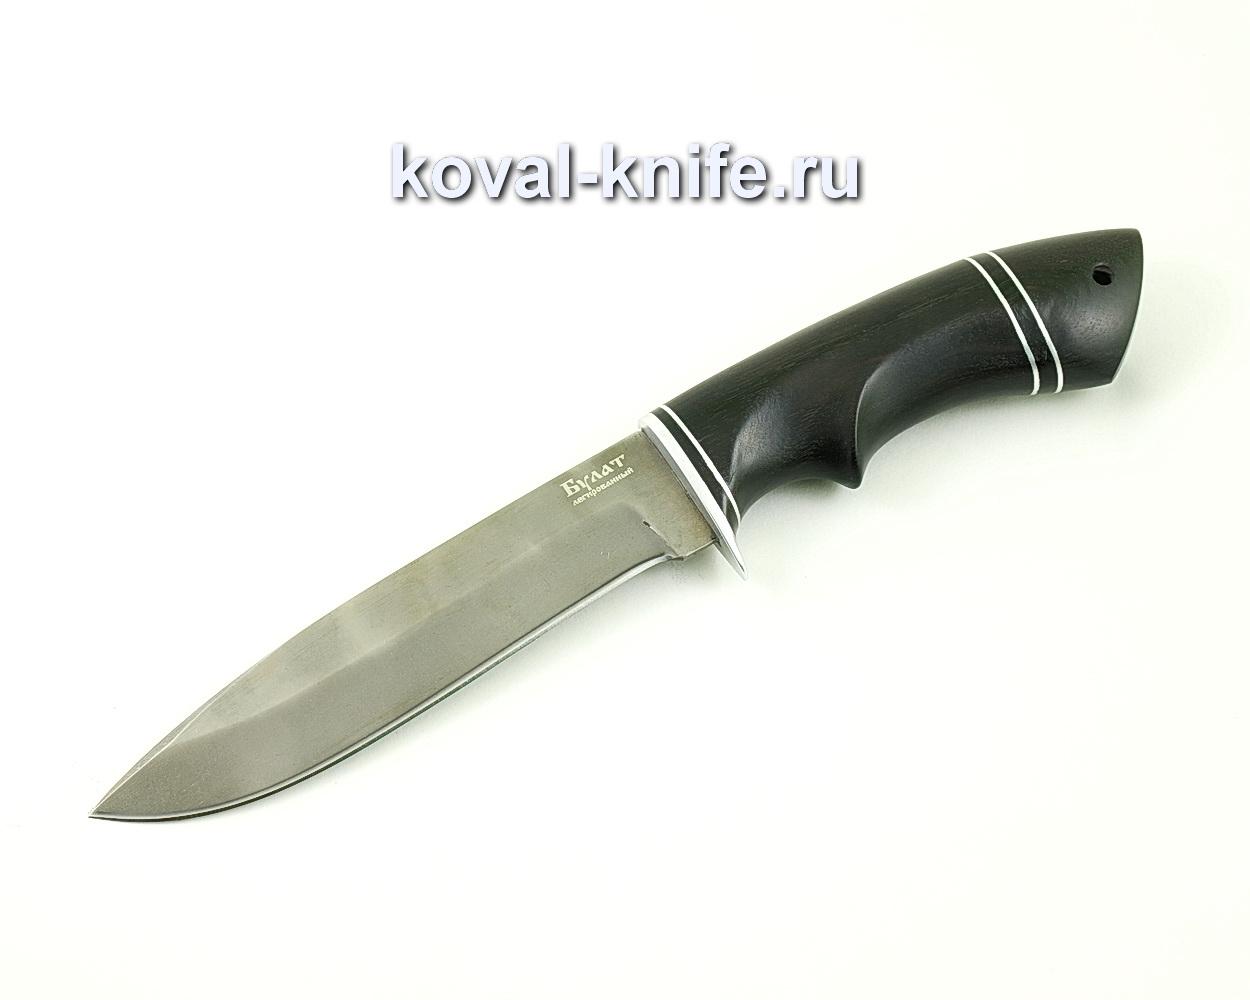 Нож из булатной стали Олимп (Легированный булат, рукоять граб) A476